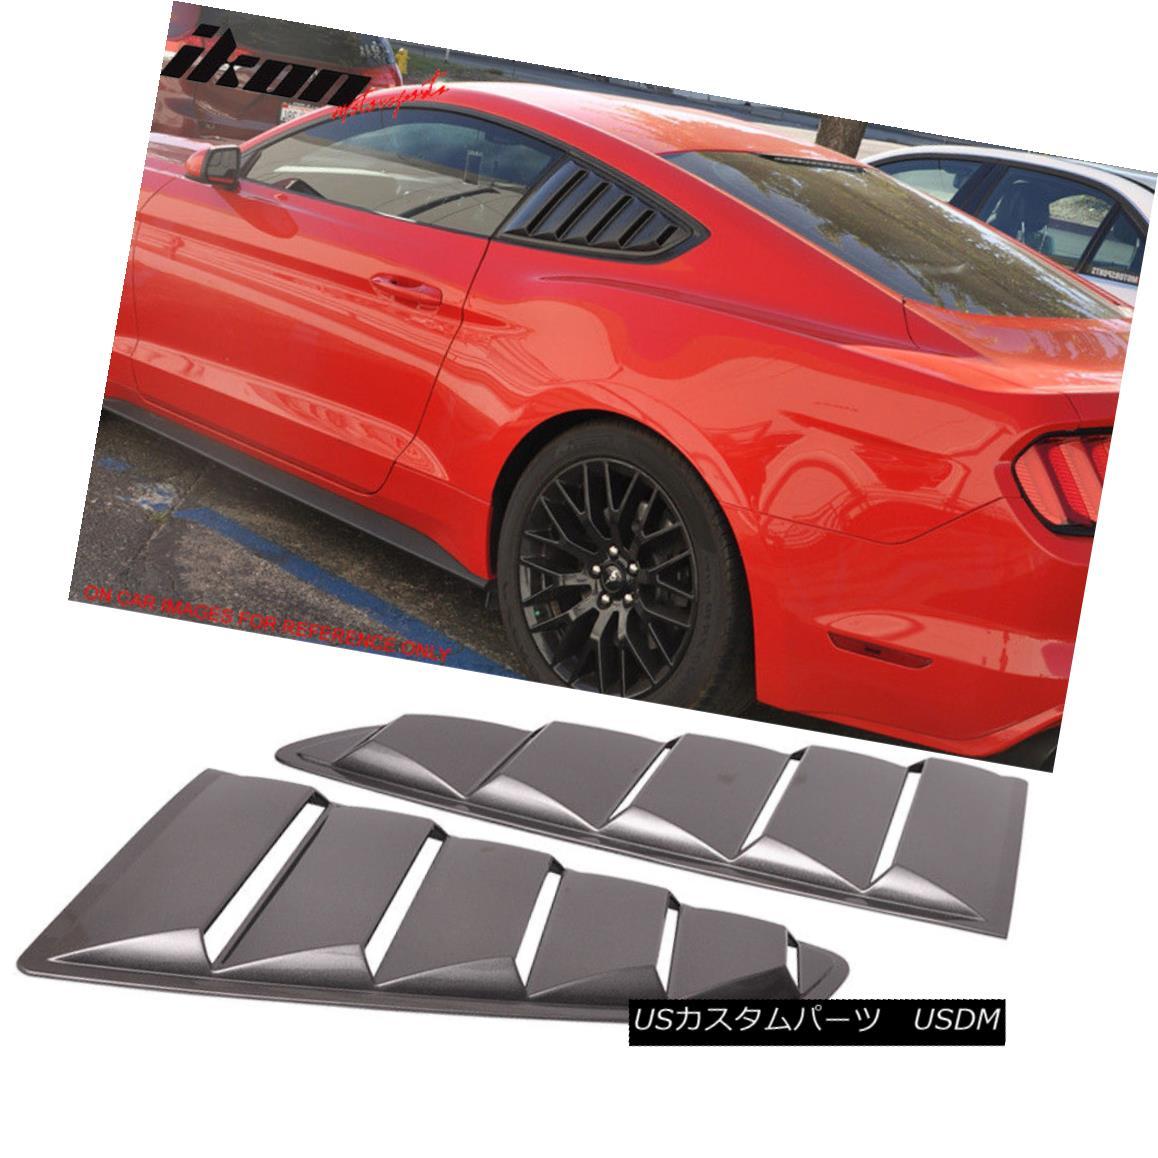 エアロパーツ Fits 15-18 Mustang OE Style Painted #J7 Magnetic Side Window Louvers Pair フィット15-18ムスタングOEスタイル塗装#J7磁気サイドウィンドウルーバーペア